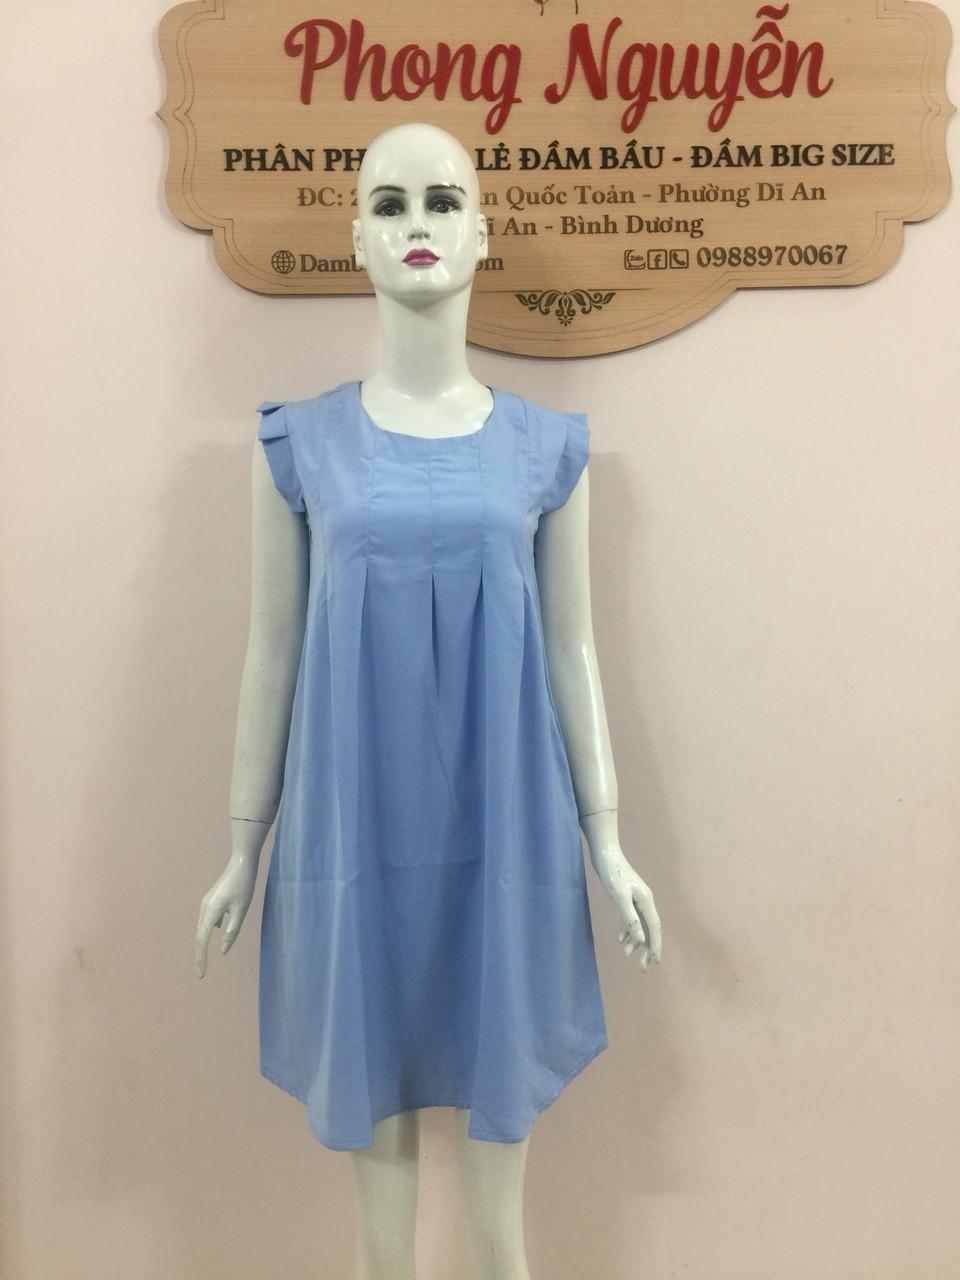 Mẹo chọn đồ bầu công sở vừa tiết kiệm vừa hợp xu hướng thời trang